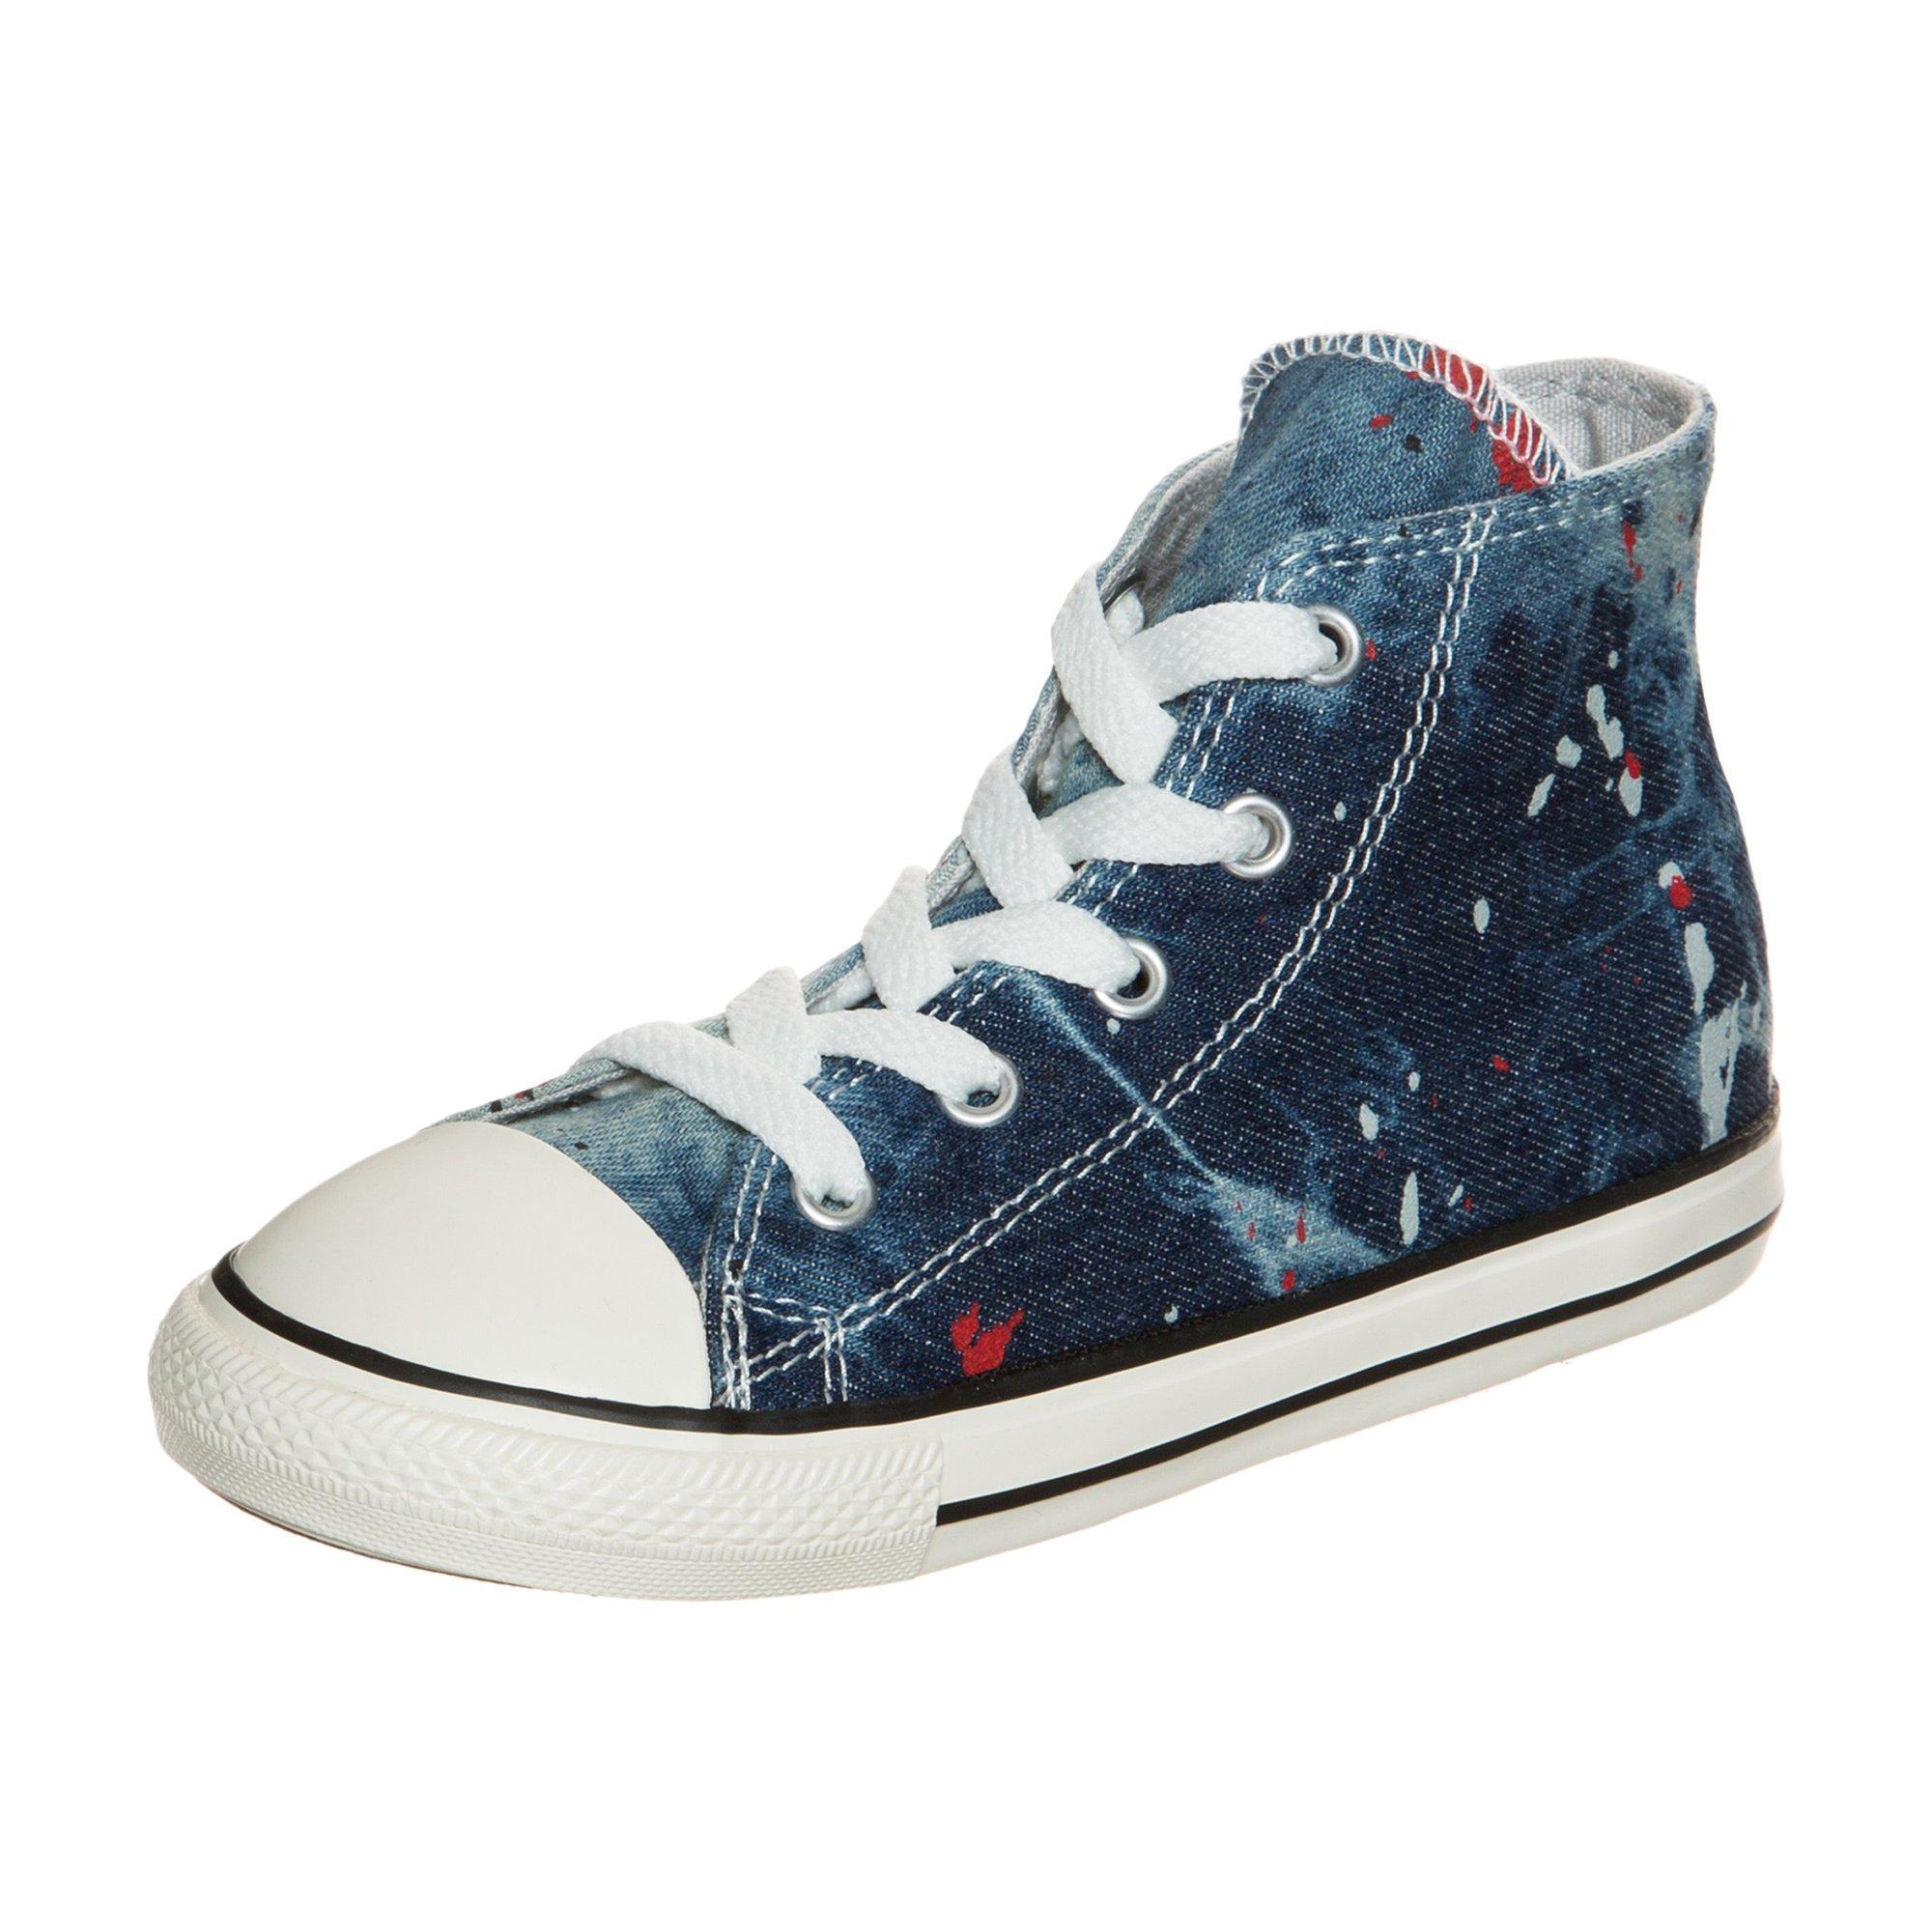 Converse Chuck Taylor All Star High Sneaker Kleinkinder 5 US - 21 EU